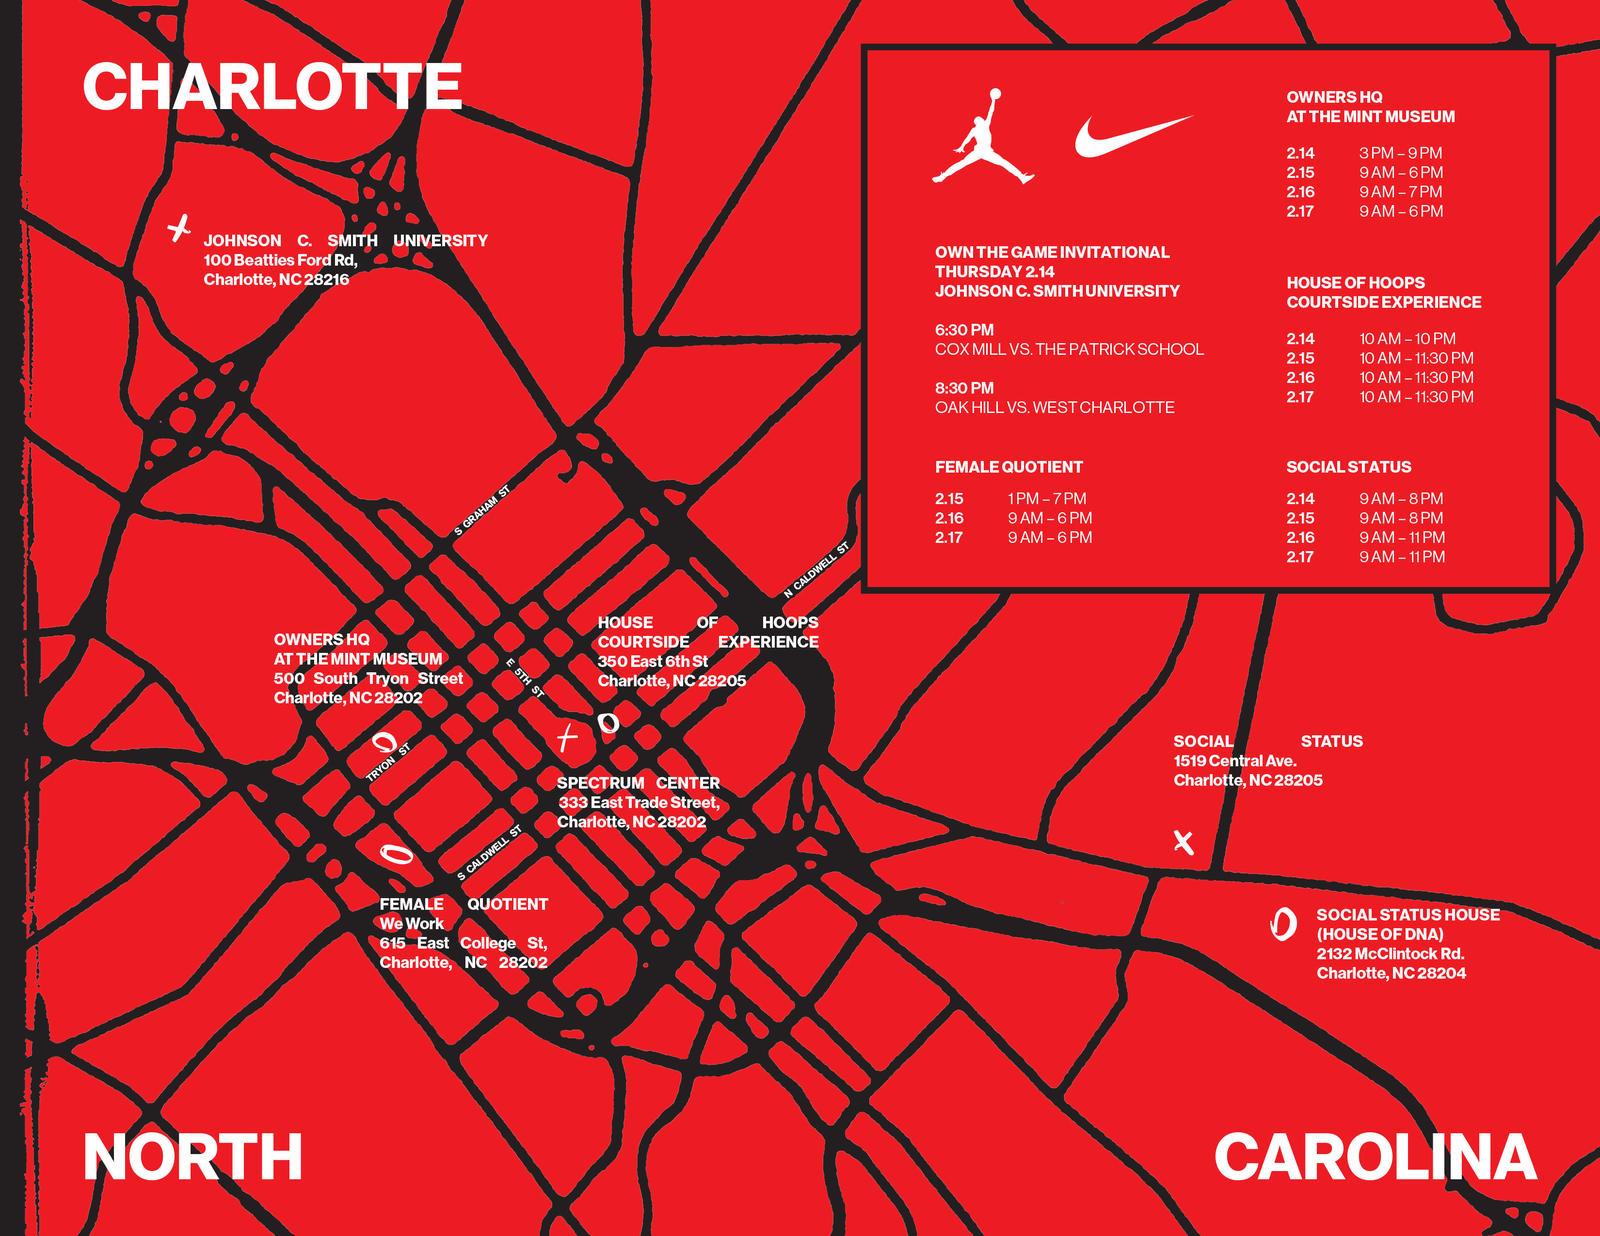 Nike Jordan Brand NBA All Star Weekend